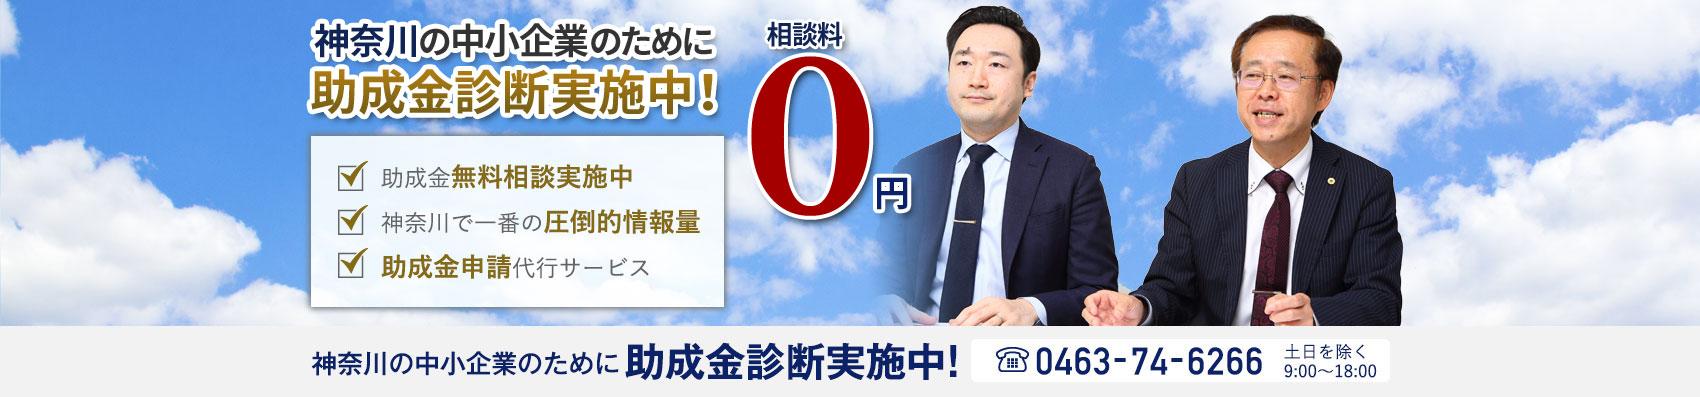 神奈川の中小企業のために助成金診断実施中! 0463-74-6266